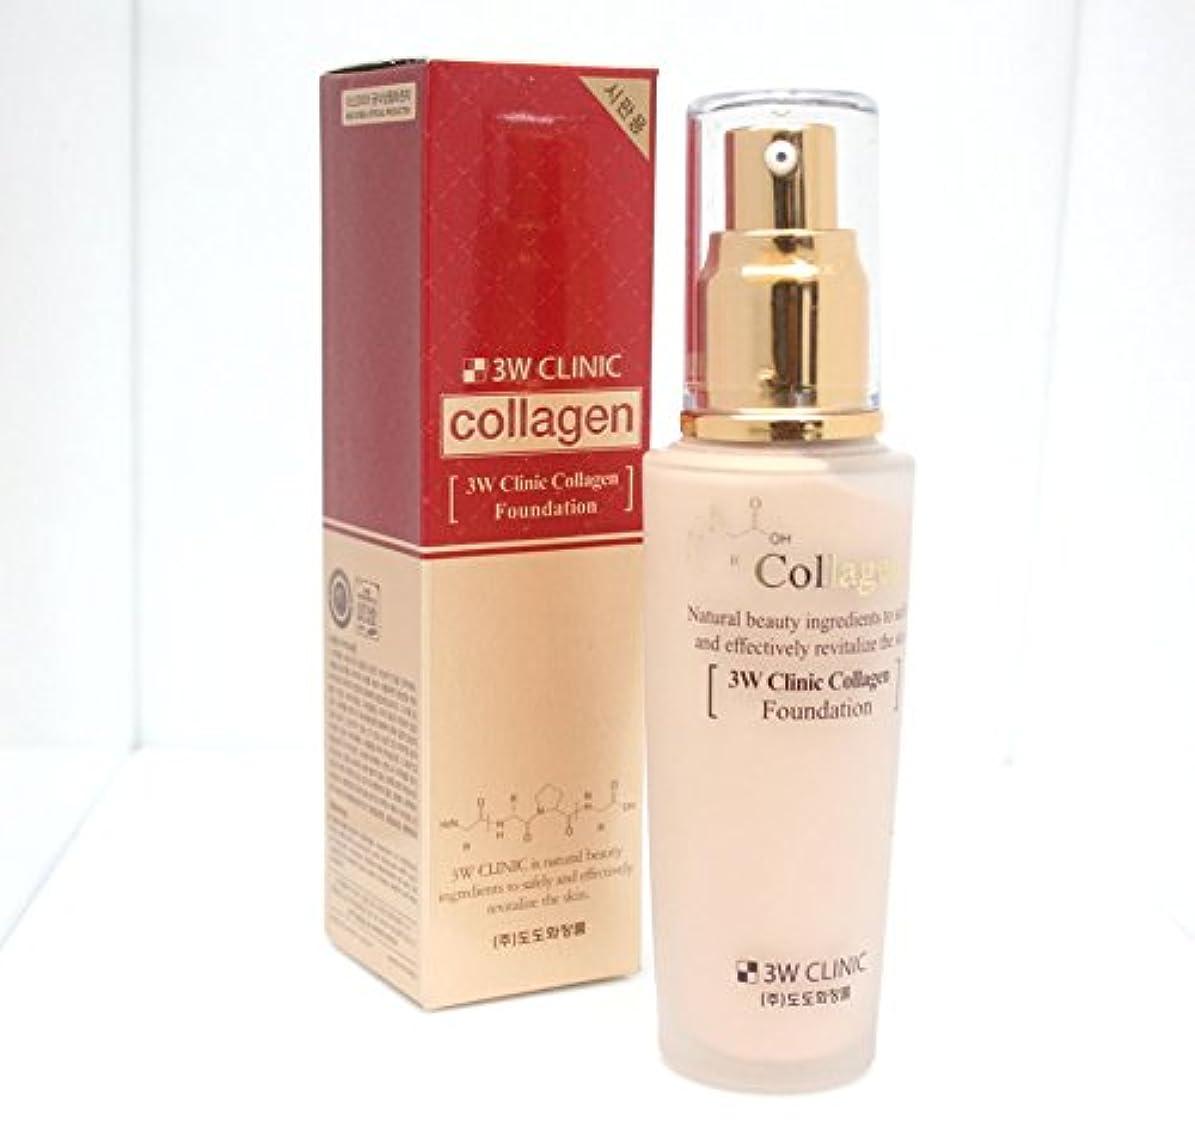 パトワ肉腫のり3Wクリニック[韓国コスメ3w Clinic]Collagen Foundation Perfect Cover Make-Up Base コラーゲンファンデーションパーフェクトカバーメイクアップベース50ml[並行輸入品...